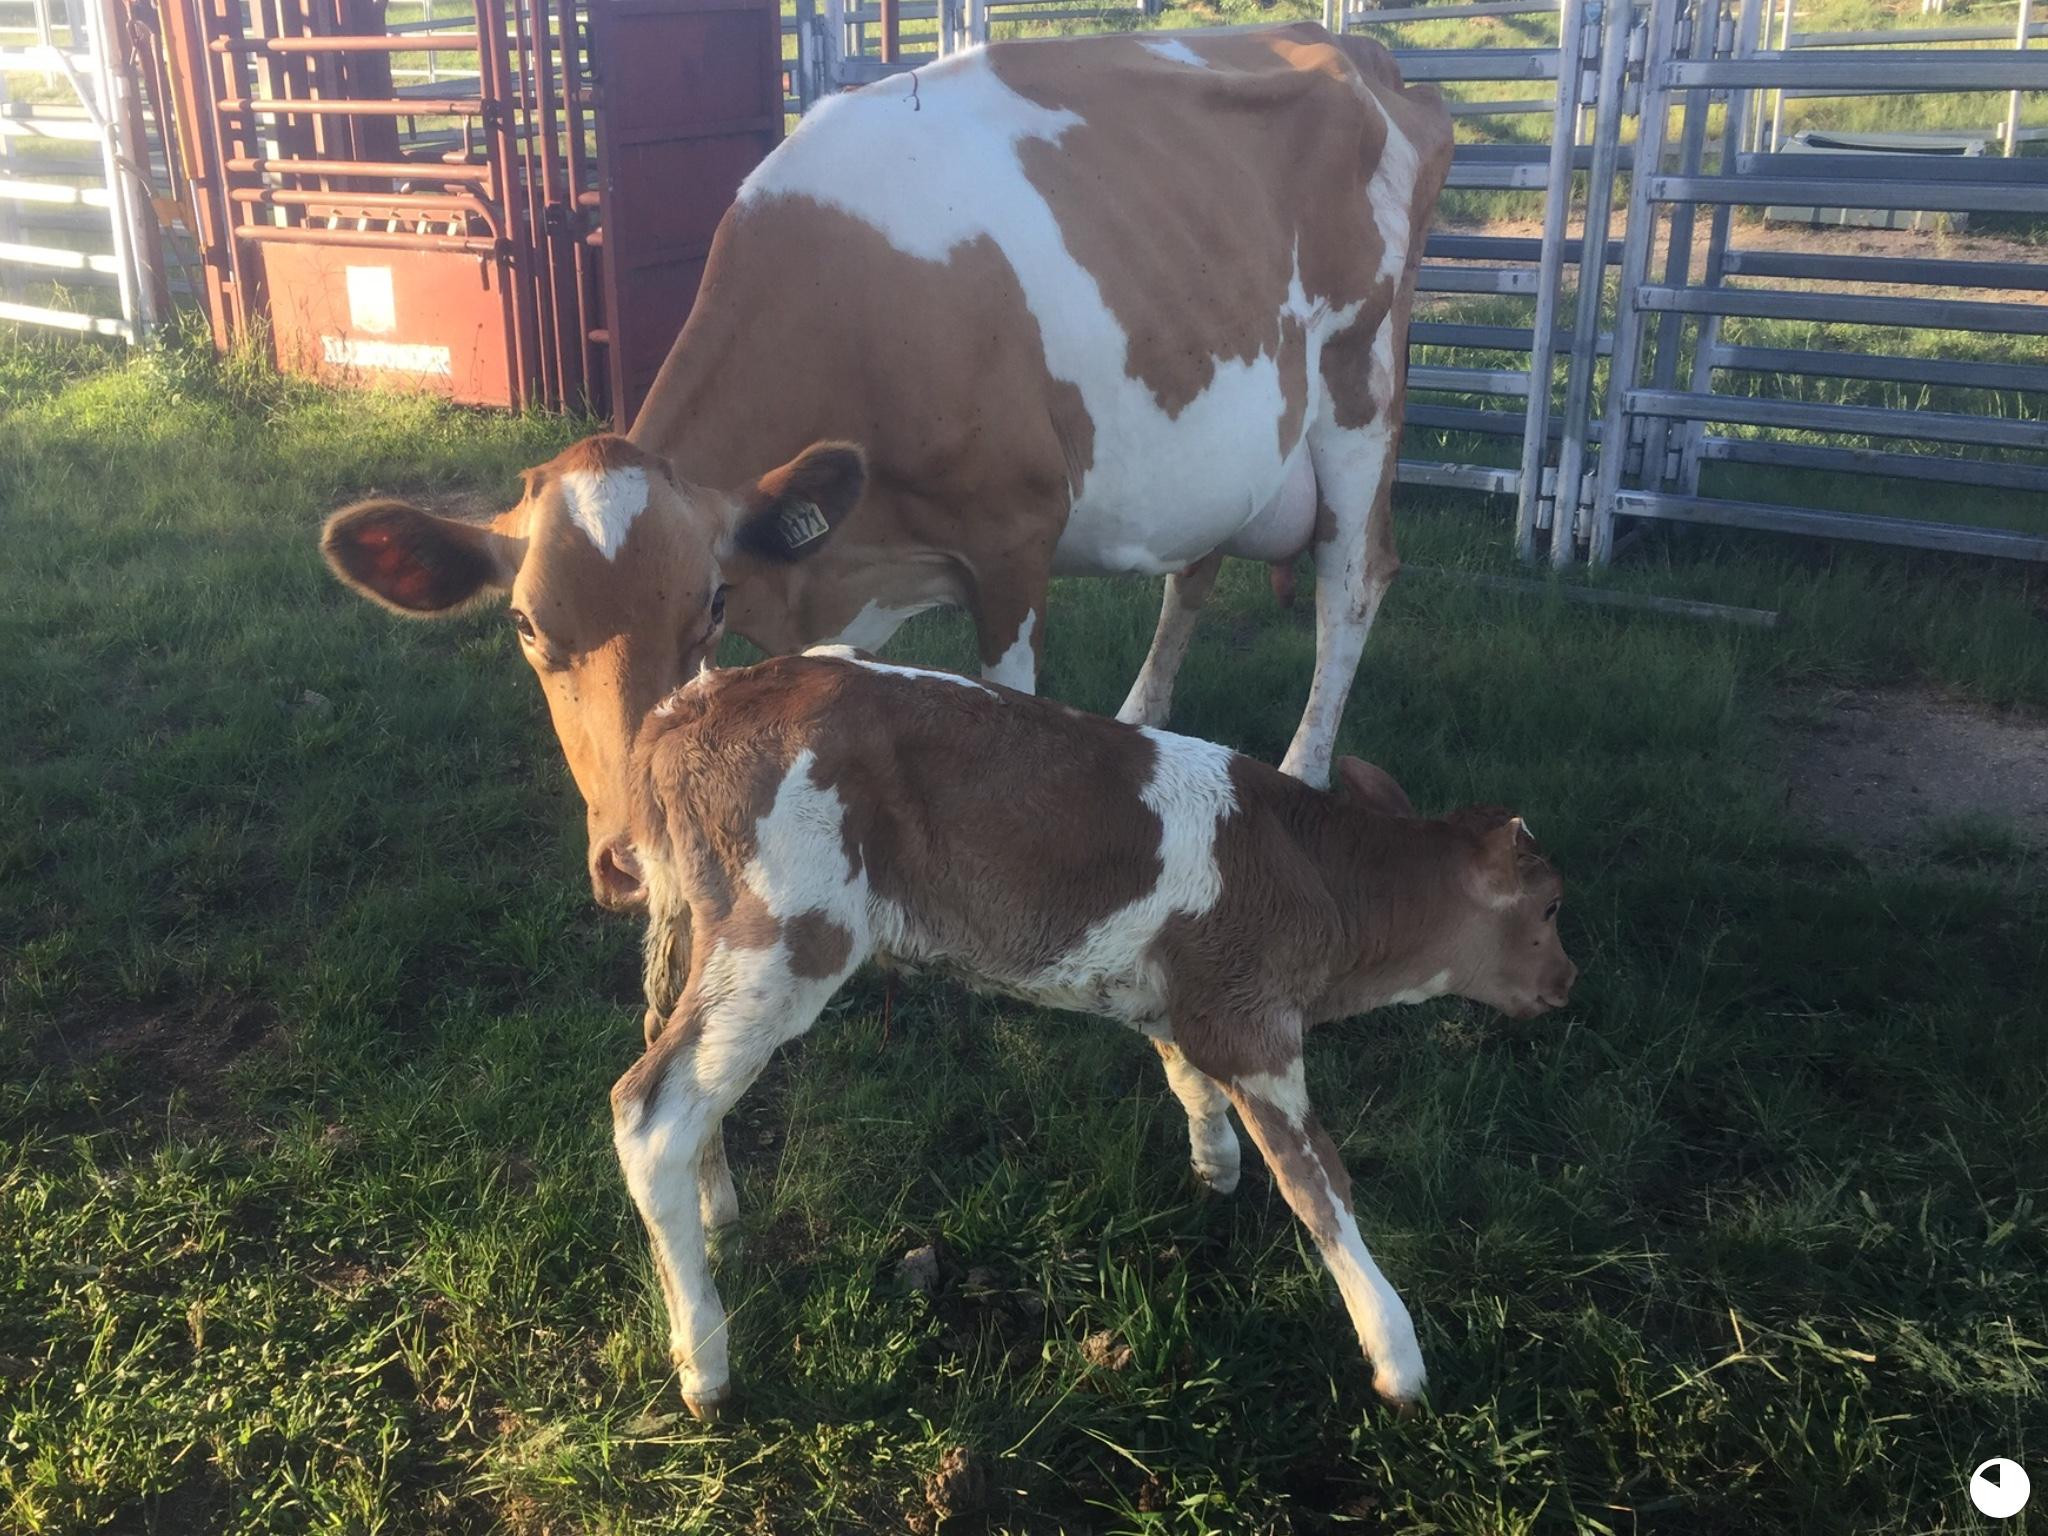 Penny's new calf